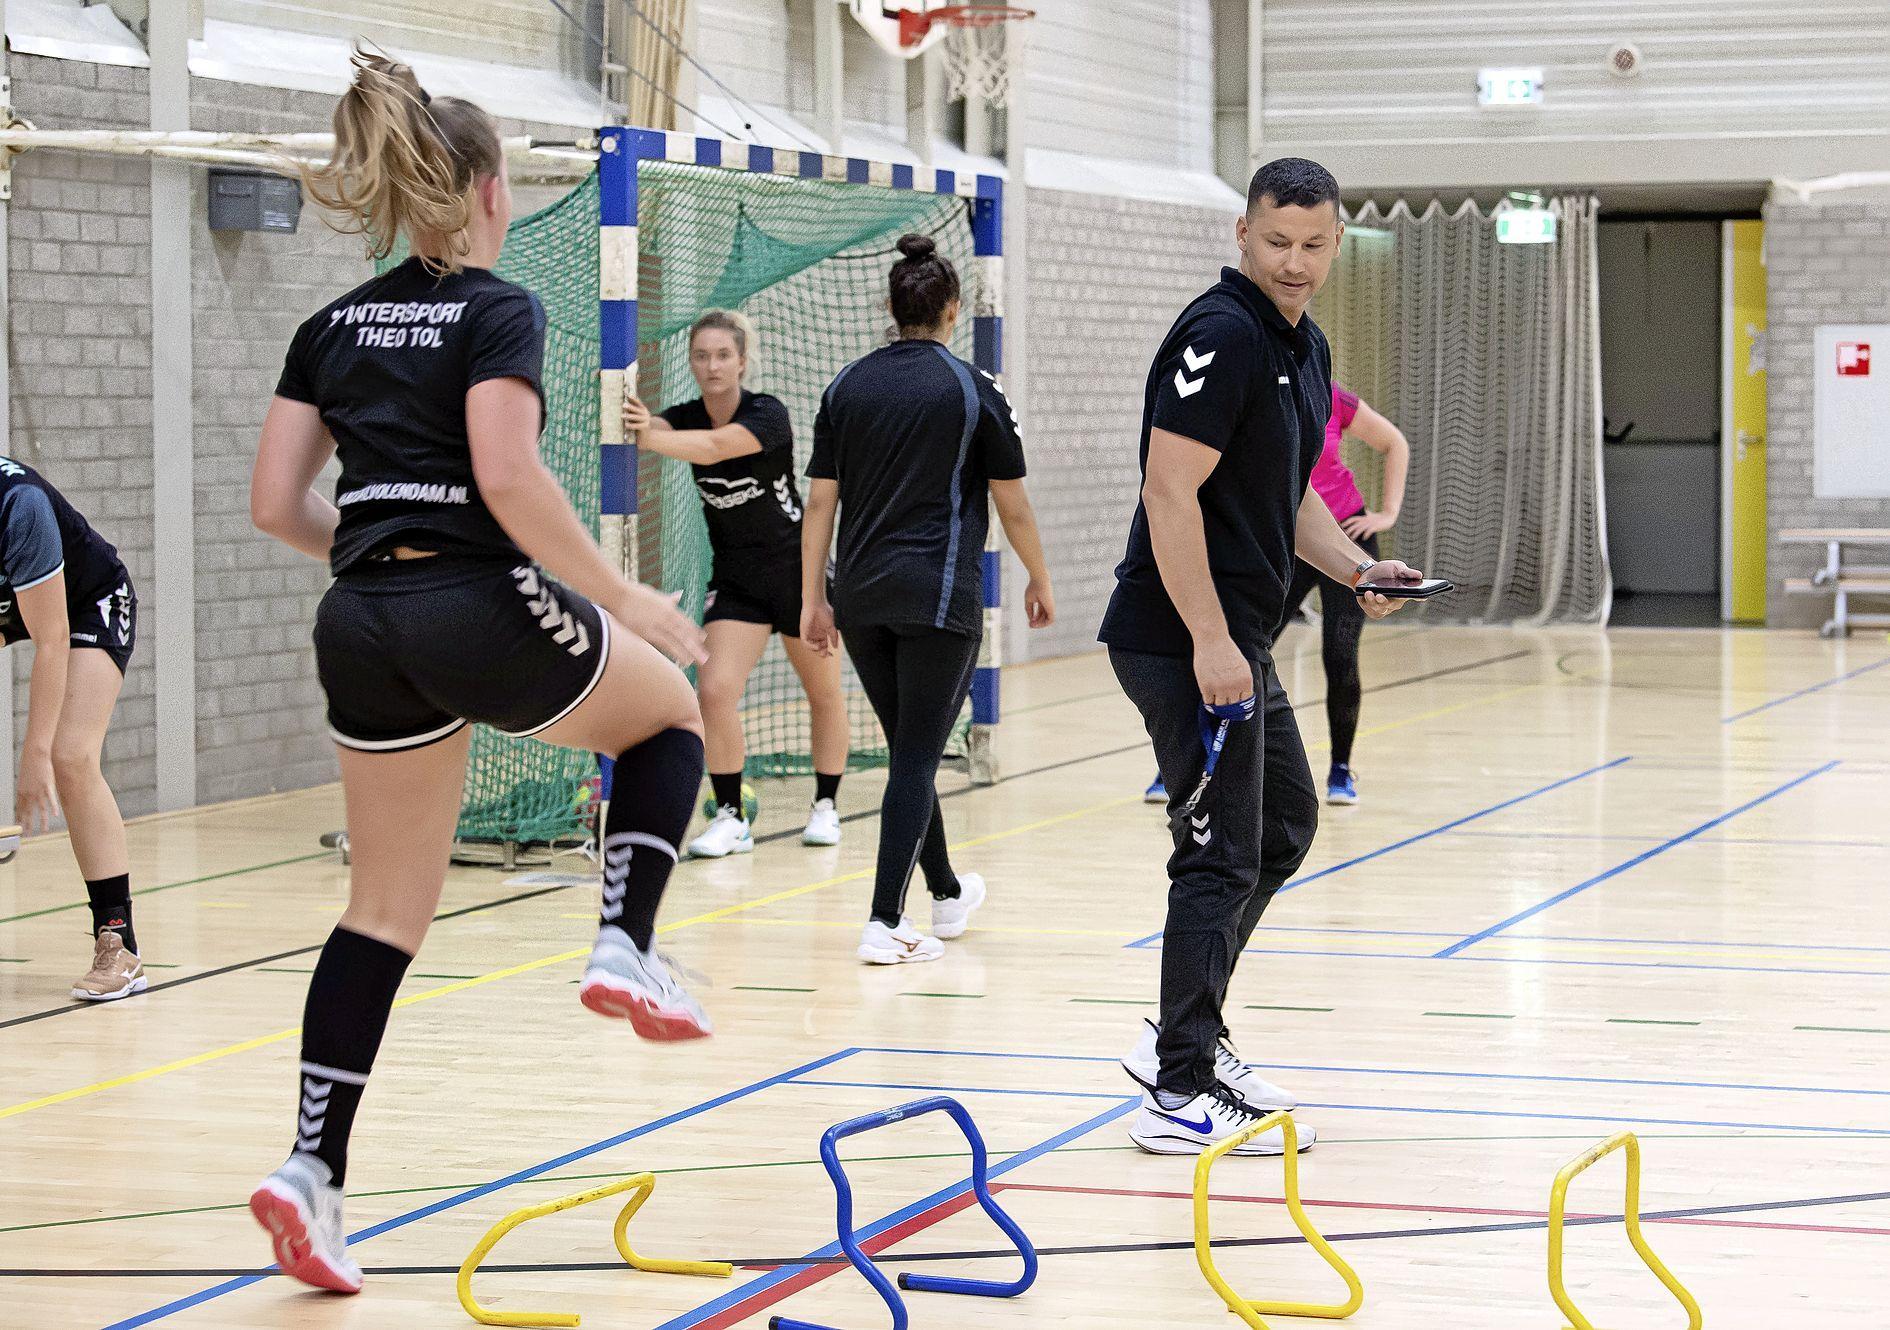 Mark Ortega, nieuwe trainer mannen HV Volendam, neemt emotioneel afscheid van zijn meiden en wordt sleutelfiguur in sportieve structuur handbalclub